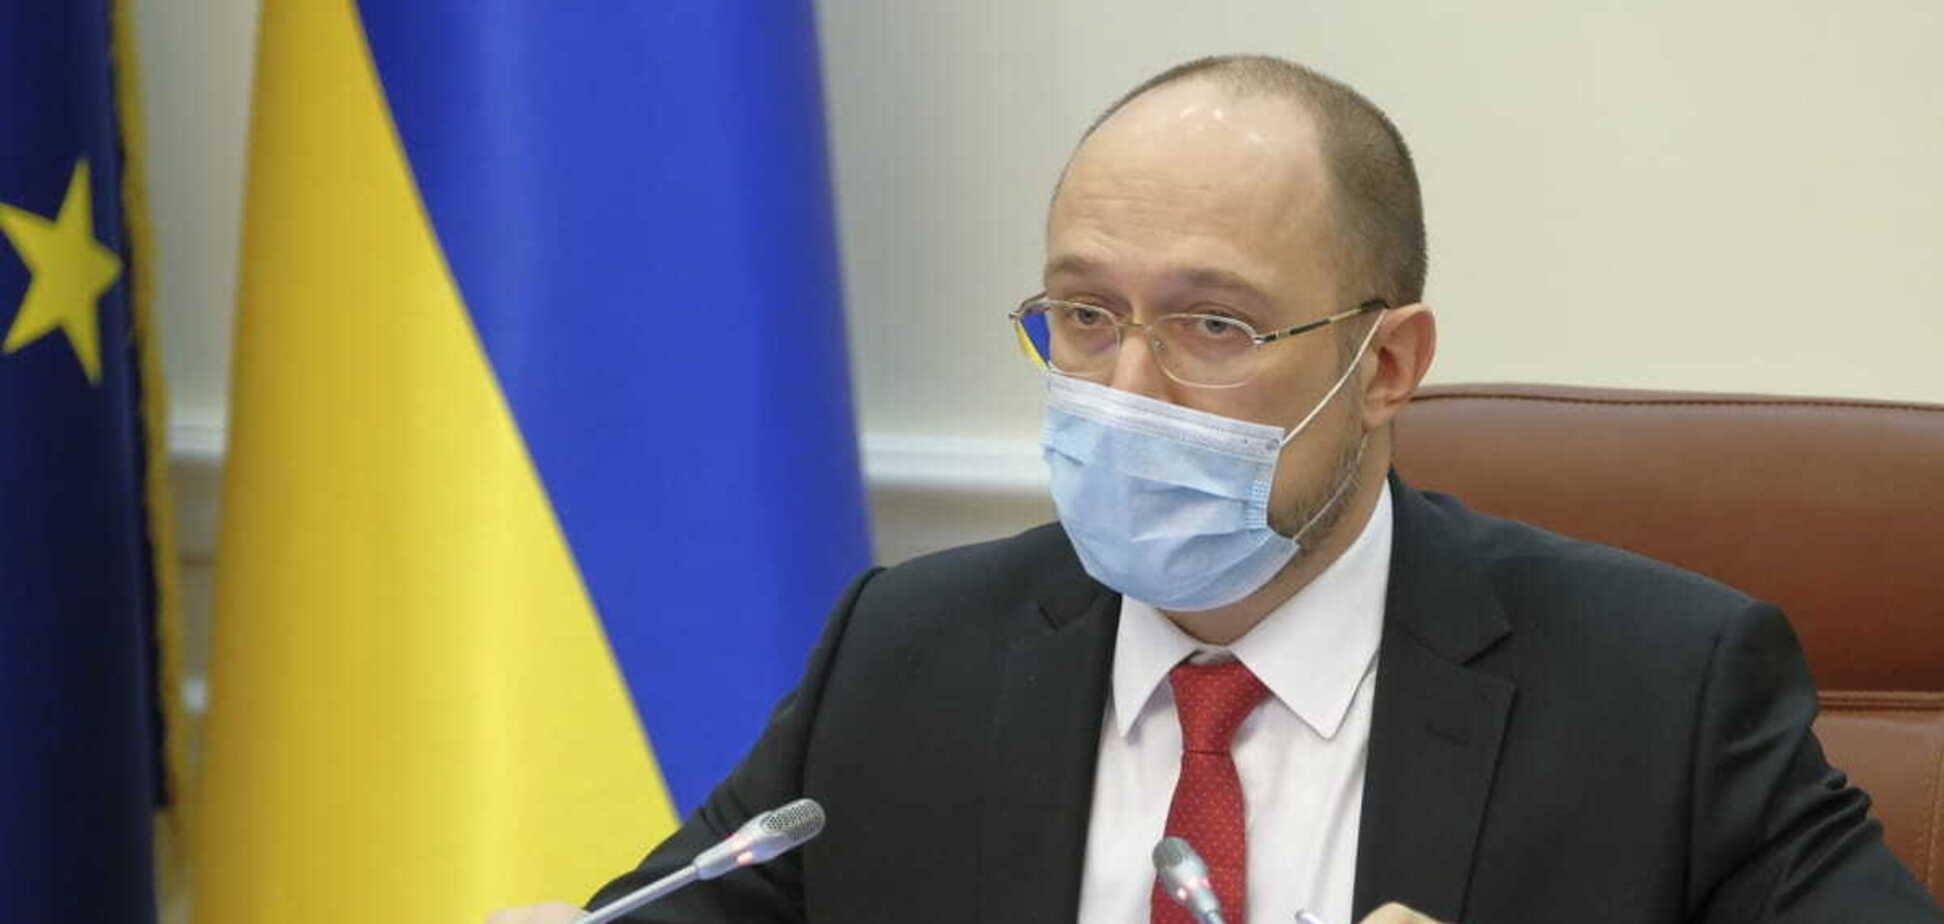 Шмыгаль рассказал, когда будут принимать заявки на выплату карантинных 8 тыс. грн